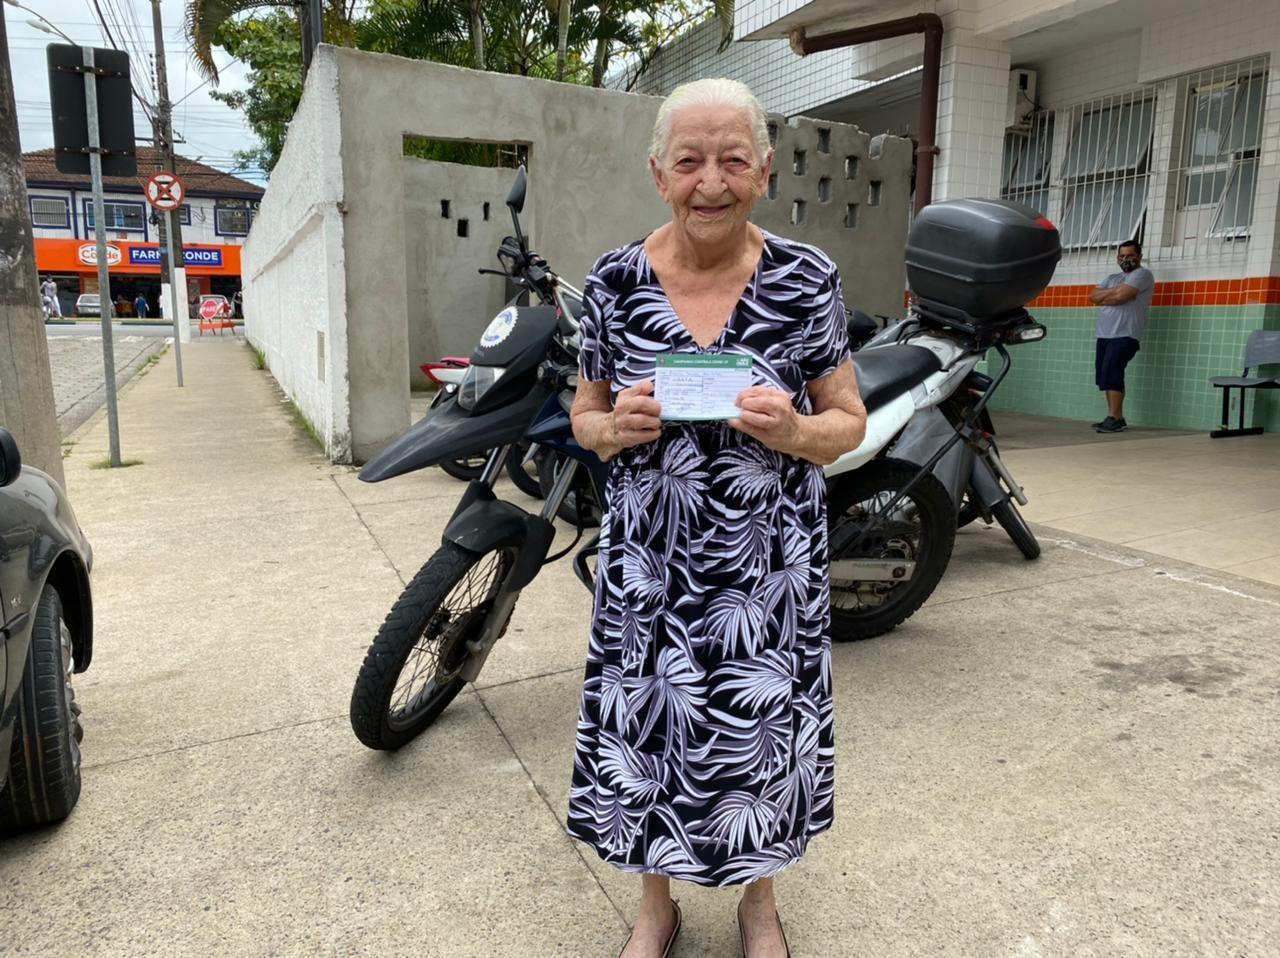 Idosa de 110 anos é vacinada contra a Covid-19 no litoral de SP: 'Quero viver ainda mais'